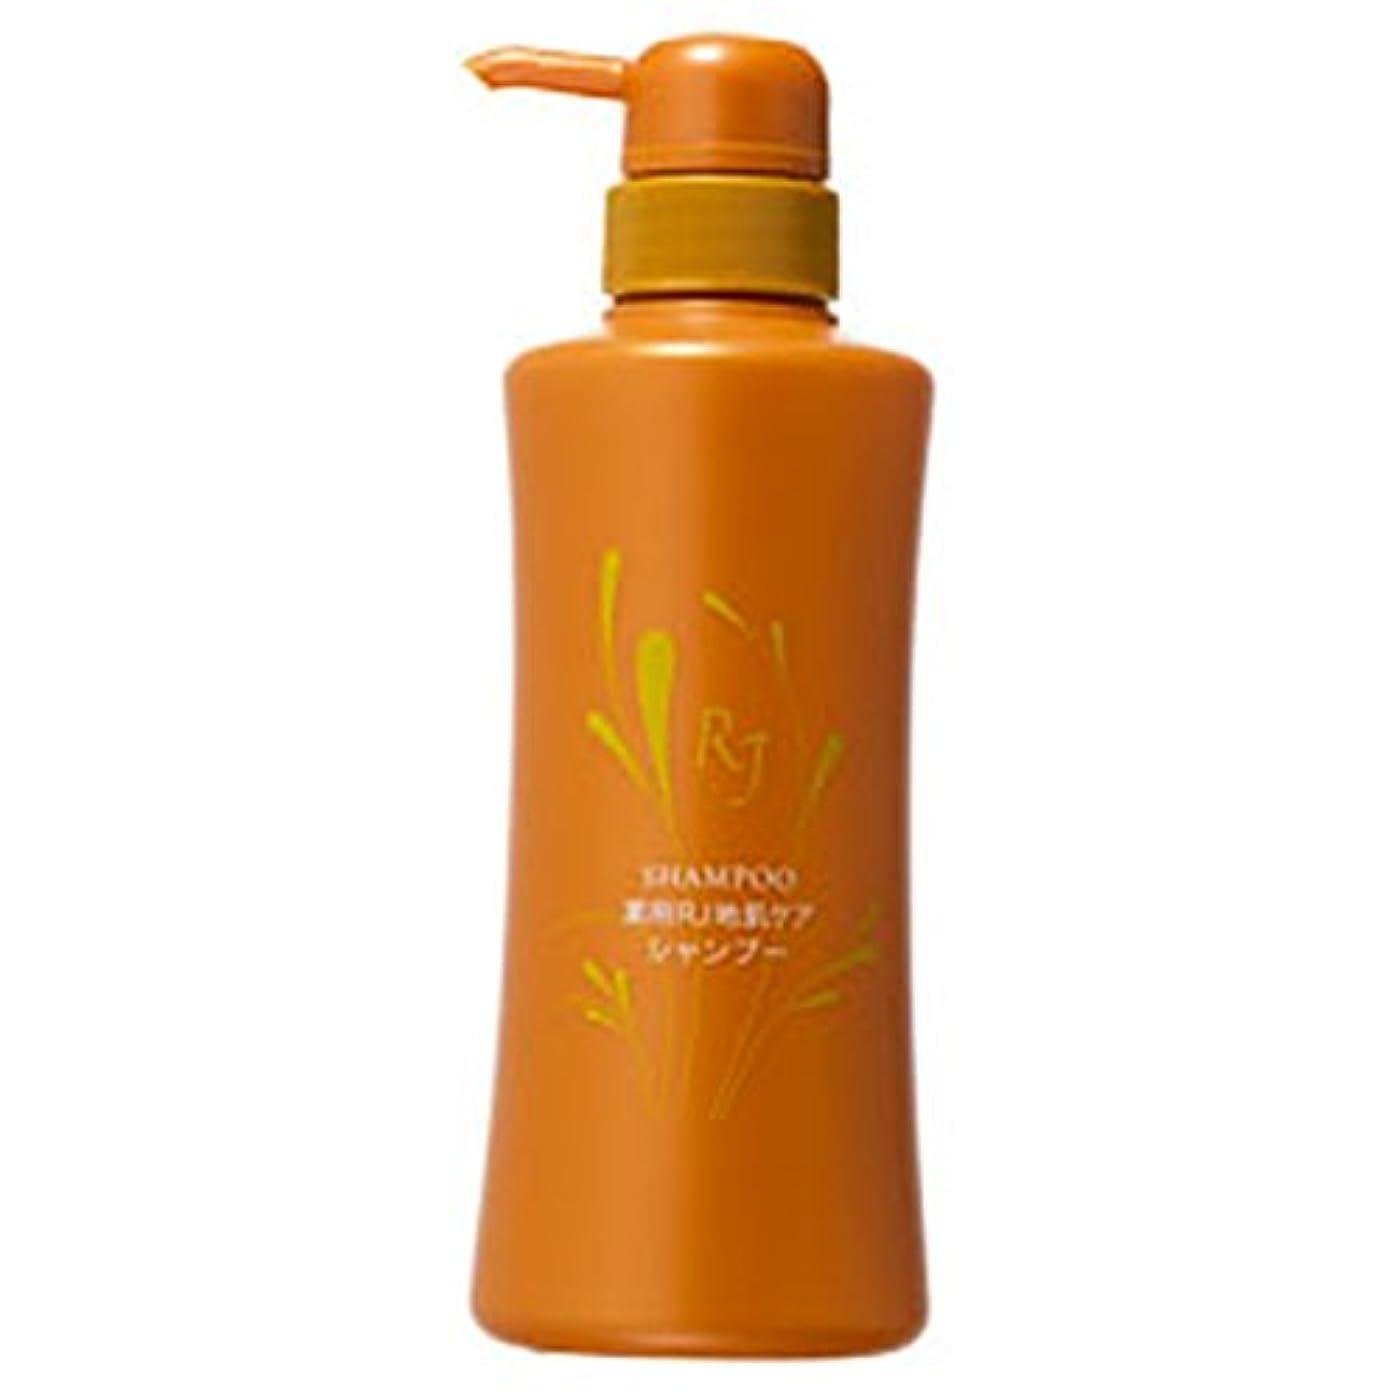 キャッシュ気難しい欺薬用RJ地肌(頭皮) ケア シャンプー 医薬部外品 400ml/ RJ Scalp Care Shampoo <400ml>, medicinal